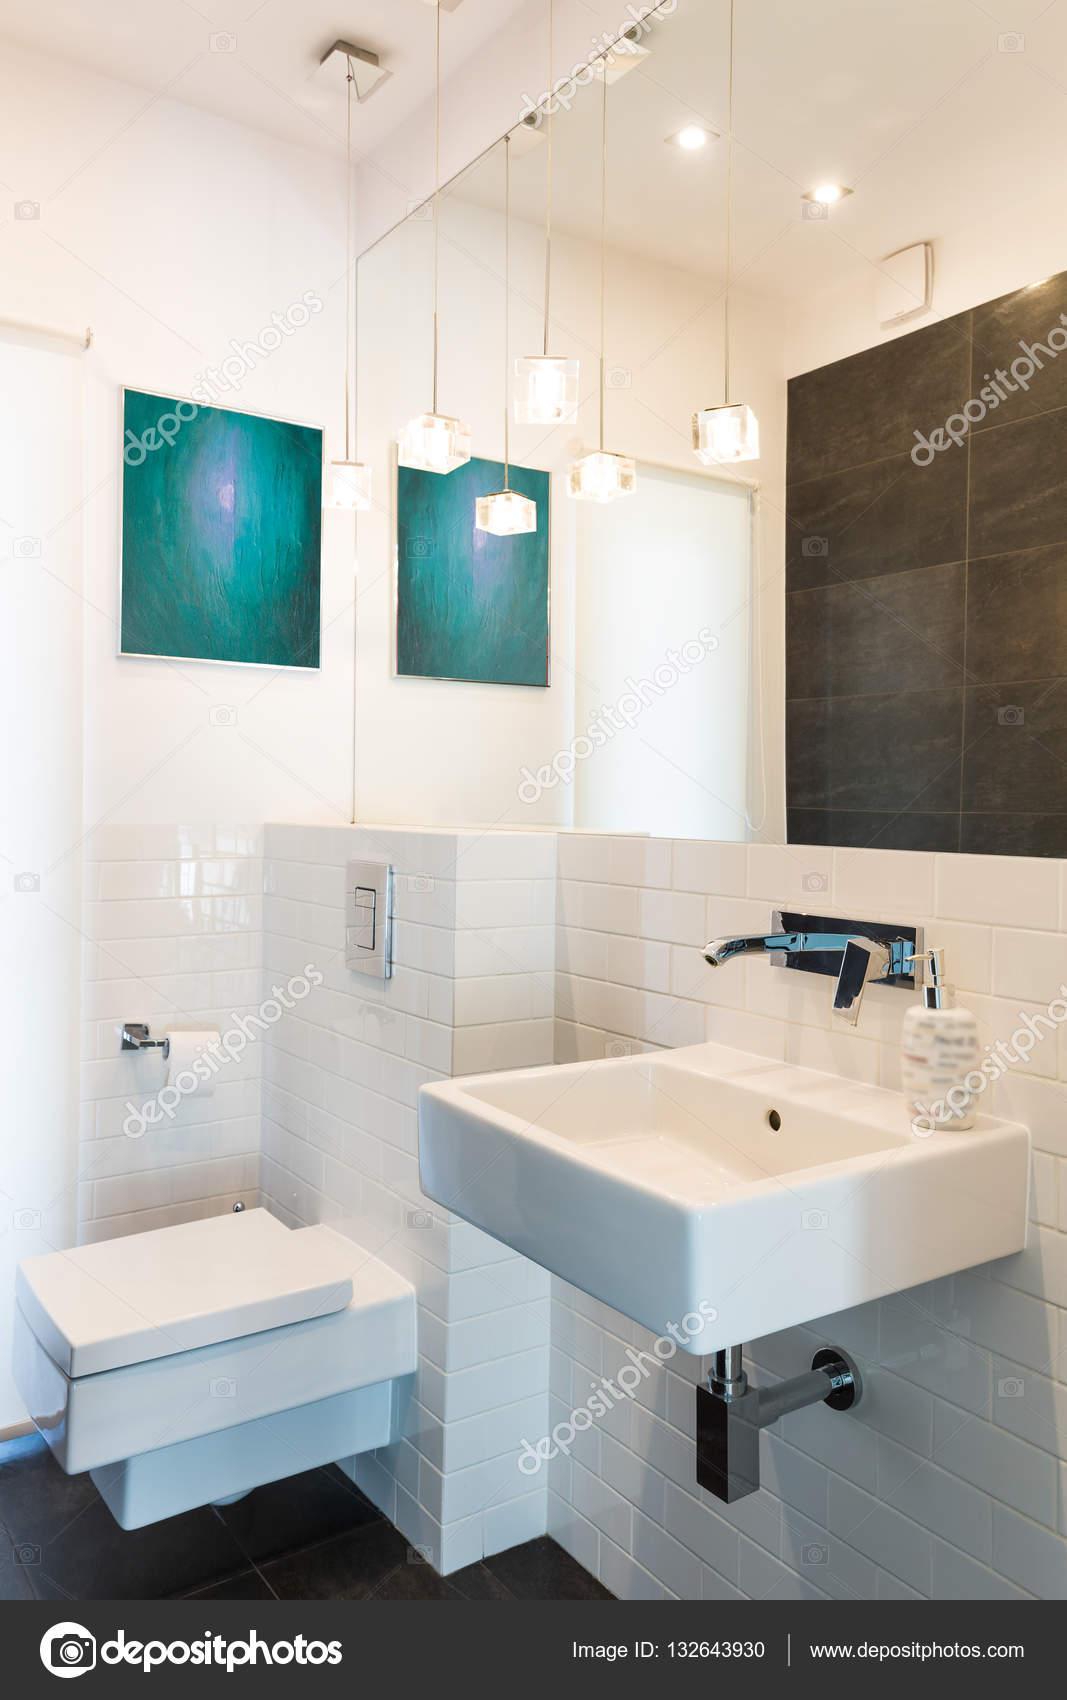 Immagini Bagni Moderni Bianchi Perfect Piastrelle Bagno Moderno Bianco Fap Ceramiche Bianche X